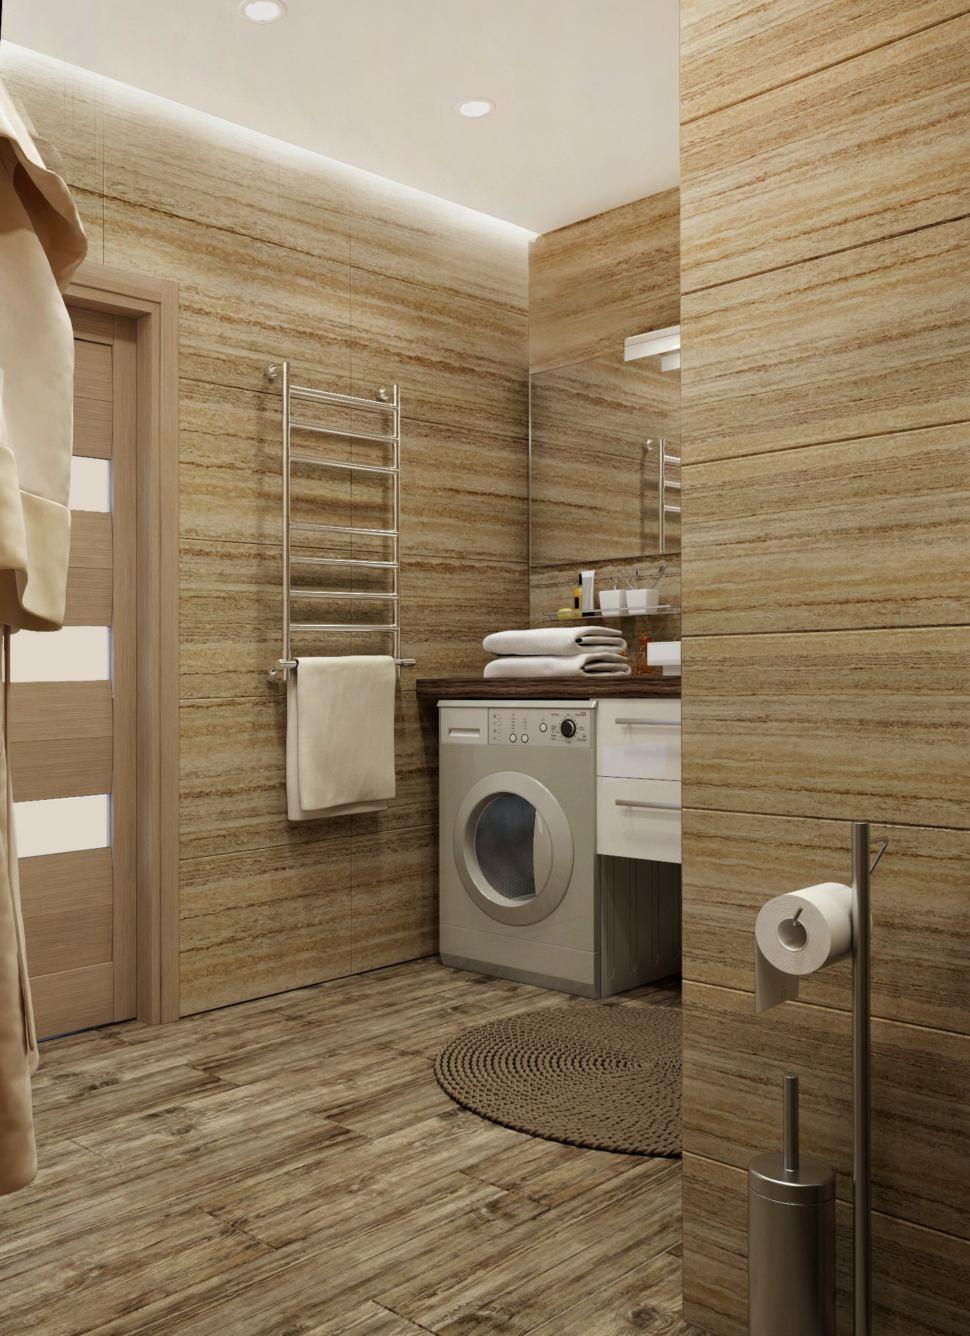 Ванная комната 9 кв. м. в бежевых тонах, полотенцесушитель, тумба под раковину, столешница под дерево, керамическая плитка